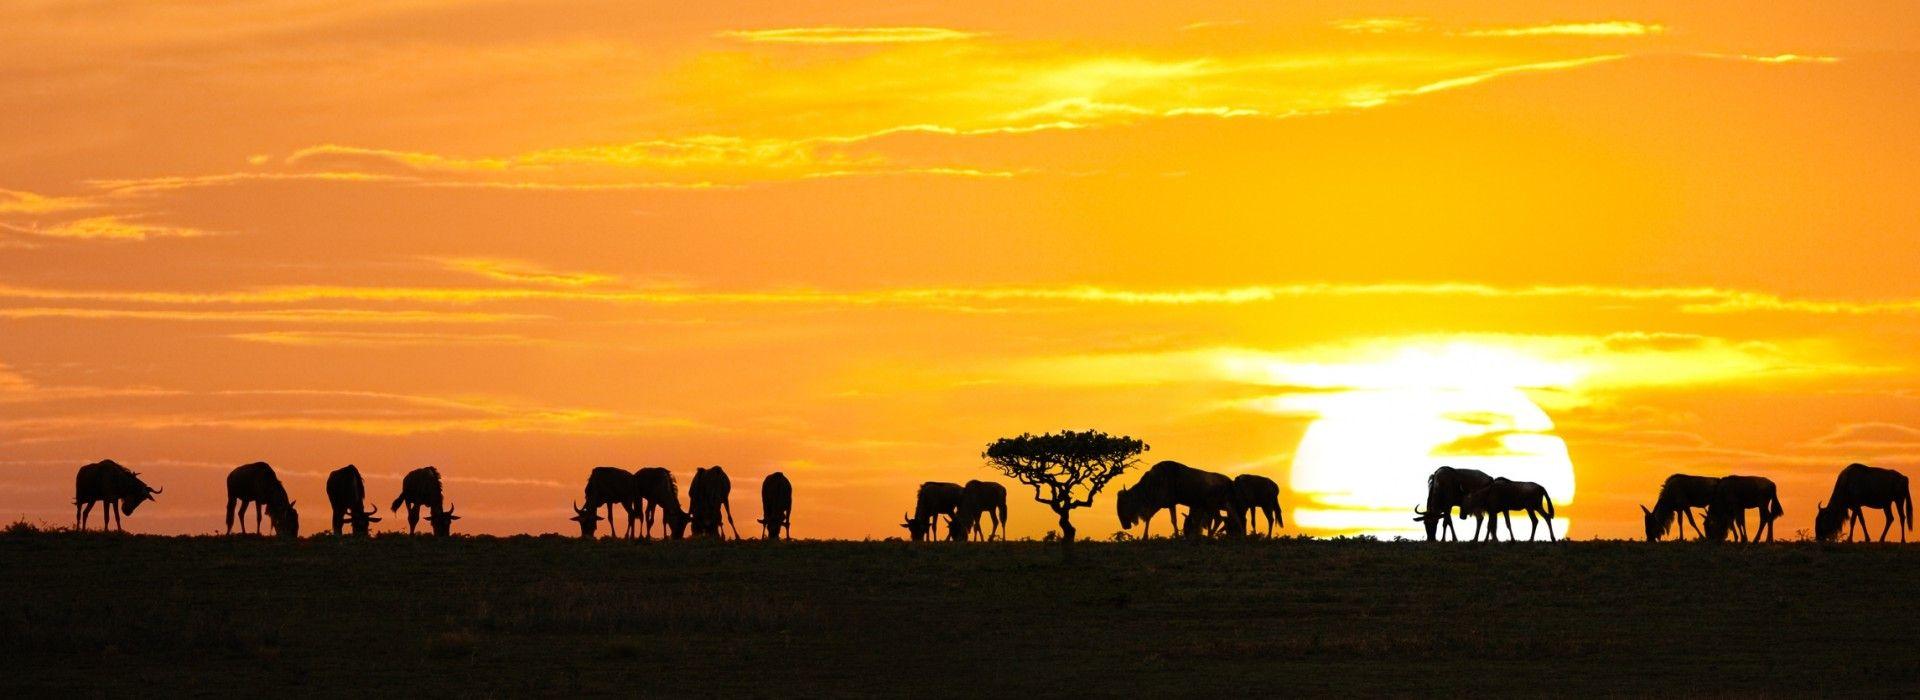 Natural landmarks sightseeing Tours in Tanzania Safari Parks